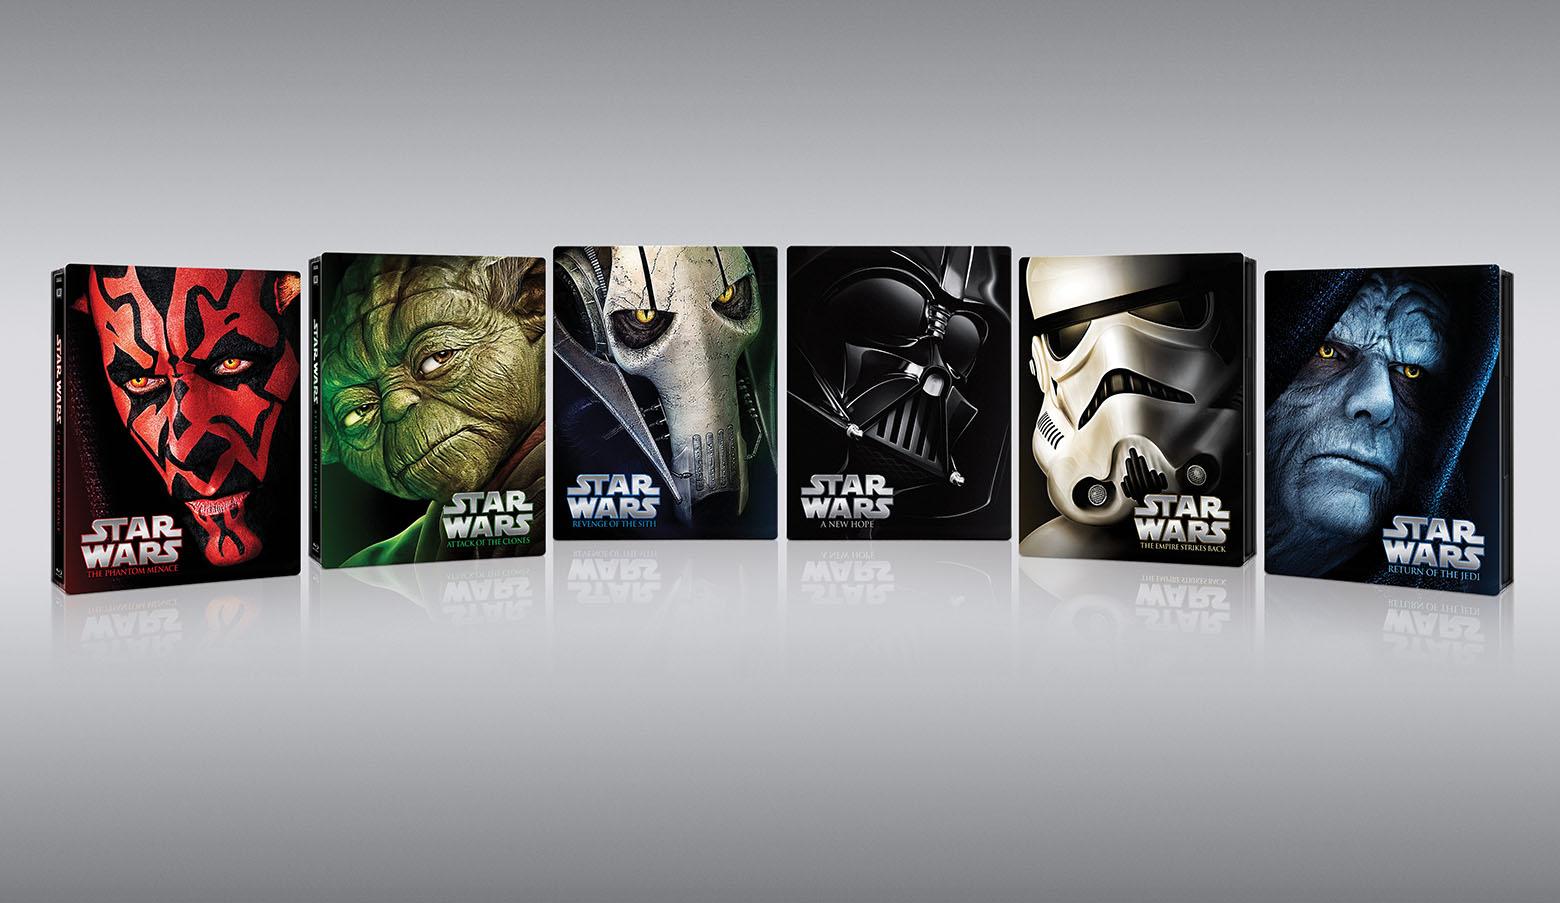 La saga será relanzada en formato steelbooks